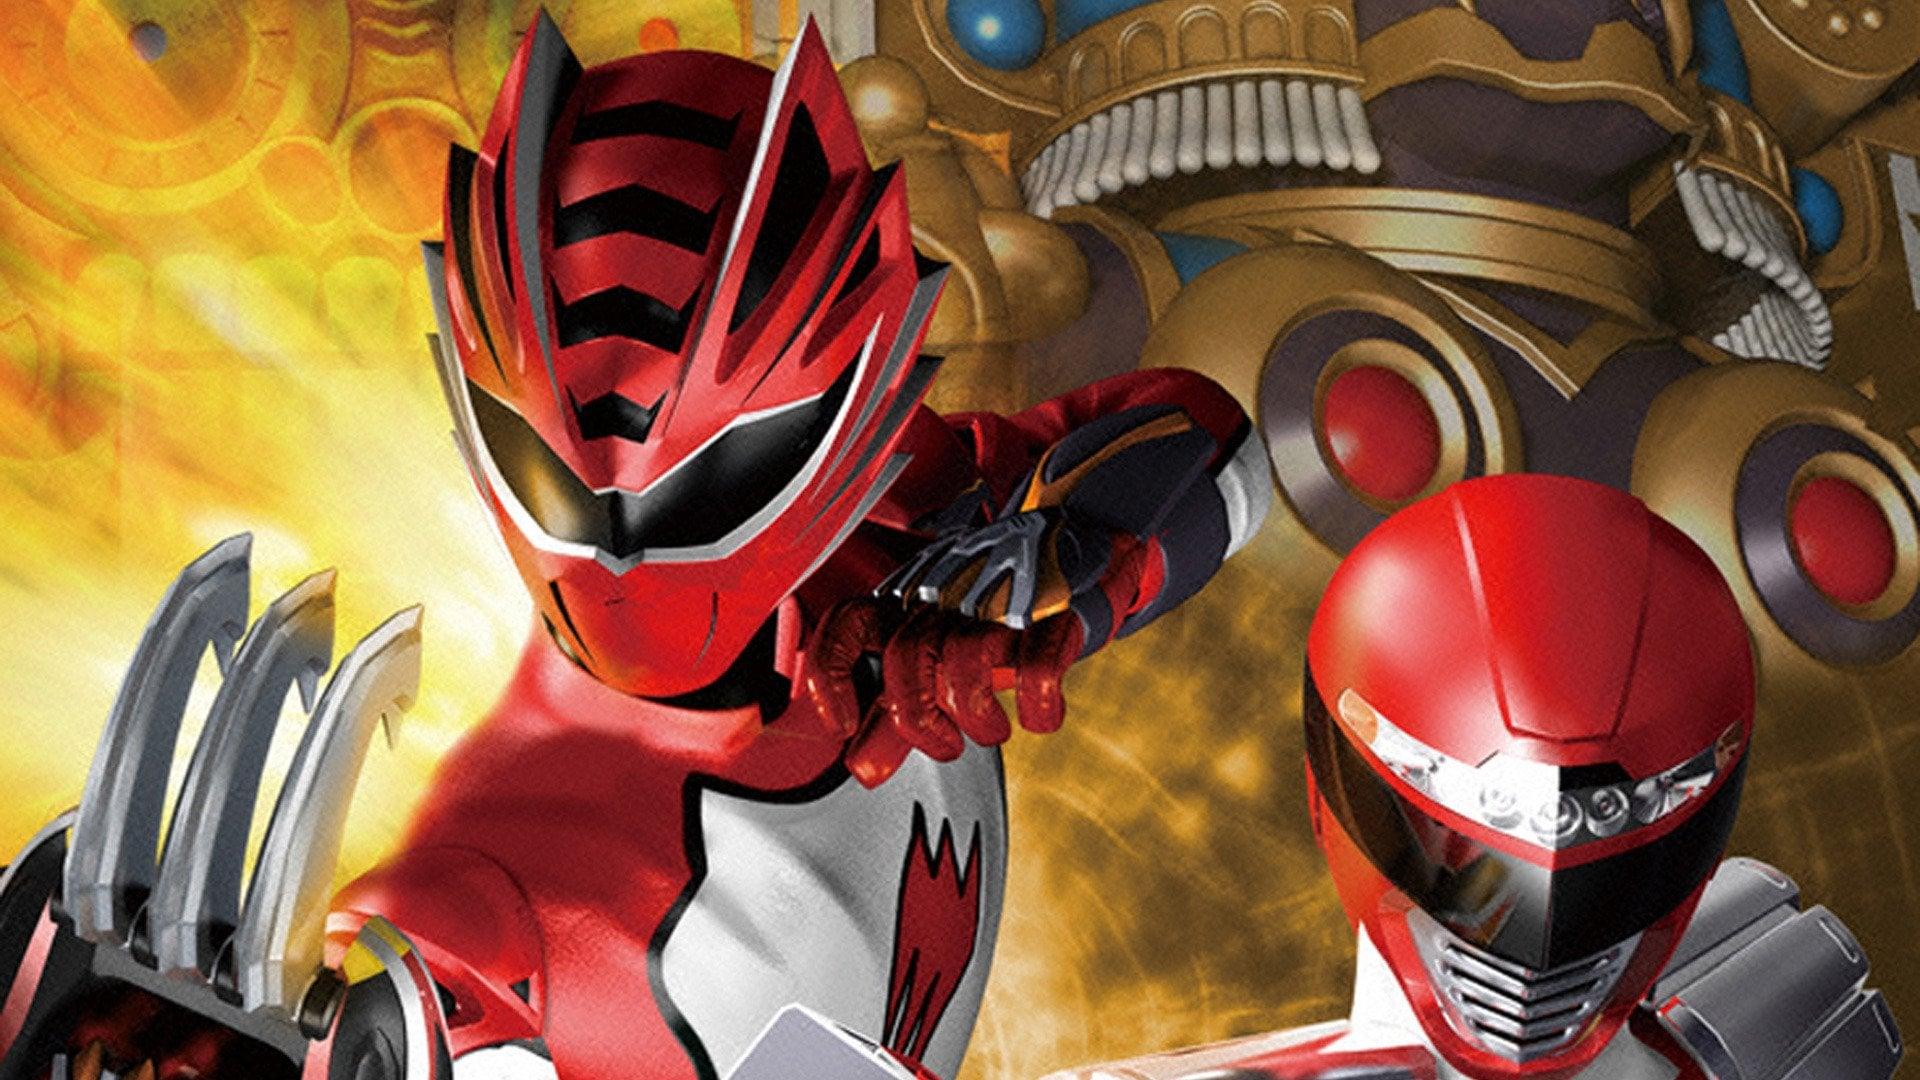 Juken Sentai Gekiranger Vs Boukenger 1